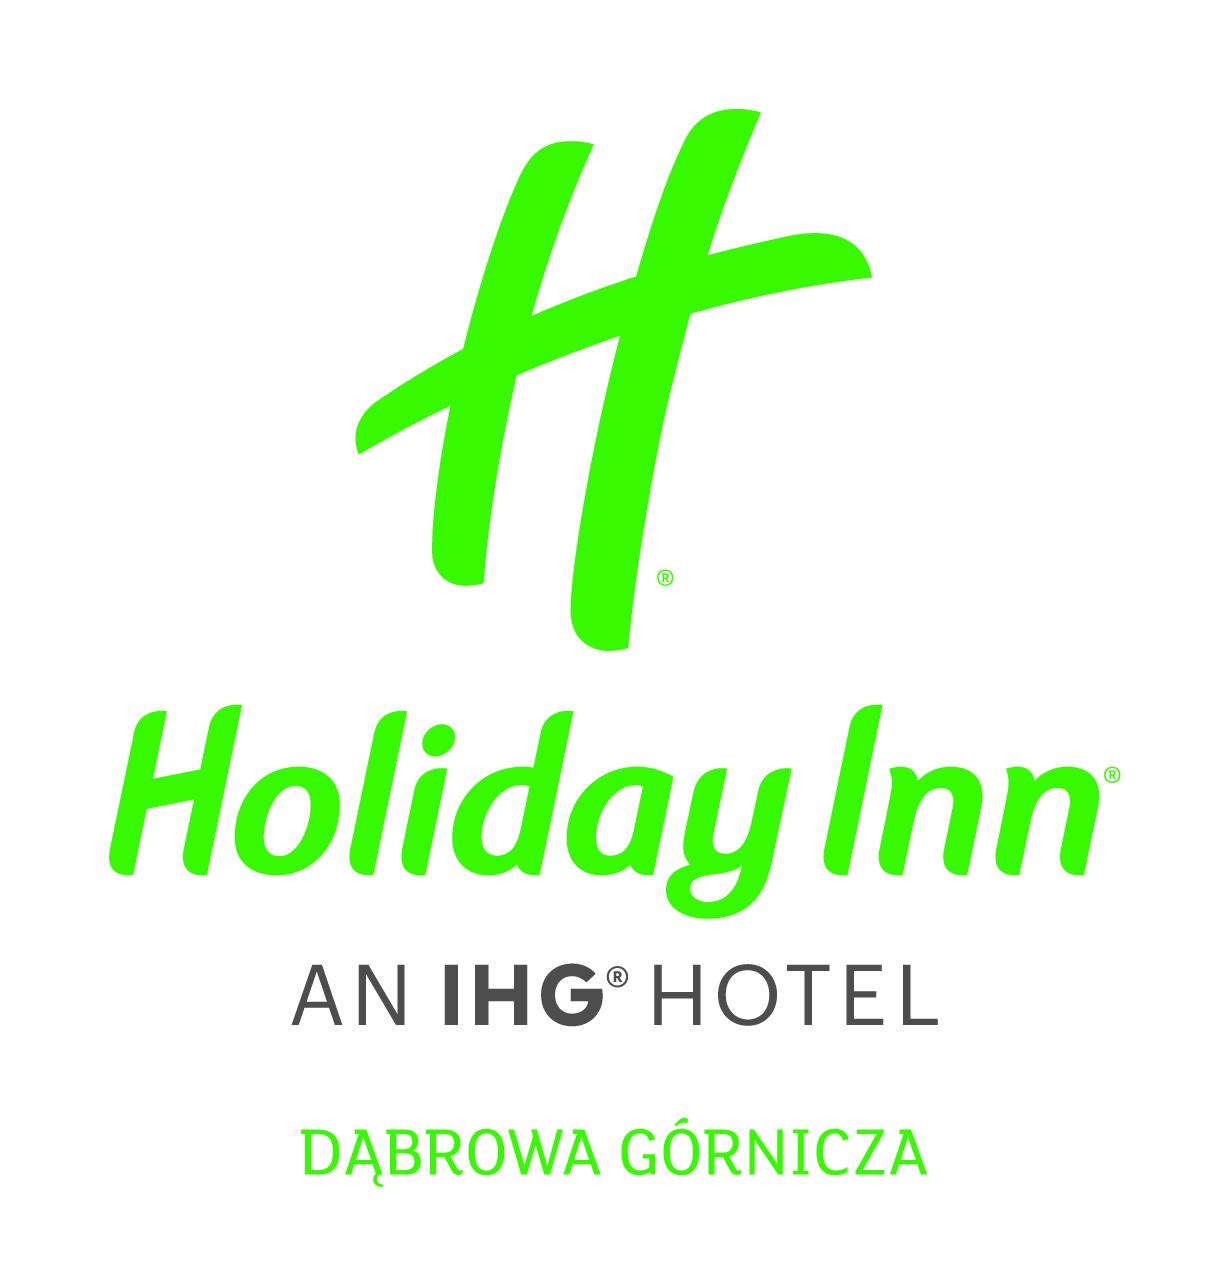 logo_hi_dg_ver_color.jpg